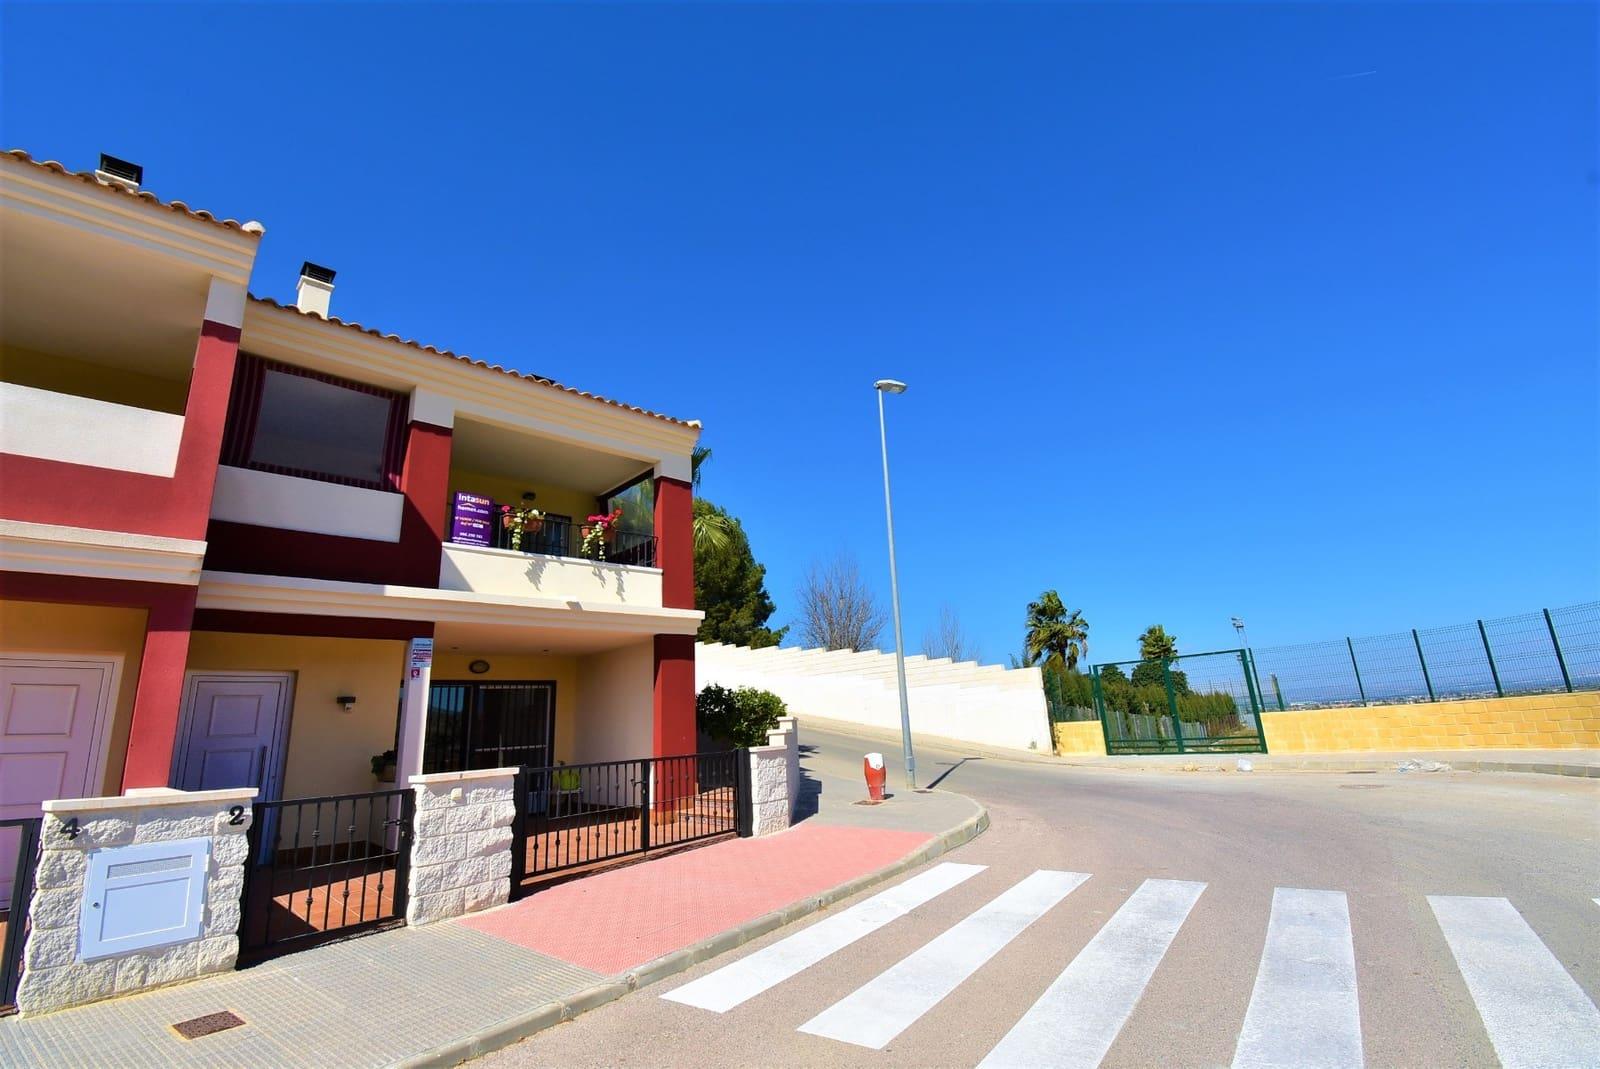 Casa de 4 habitaciones en Benijófar en venta - 225.000 € (Ref: 5005363)